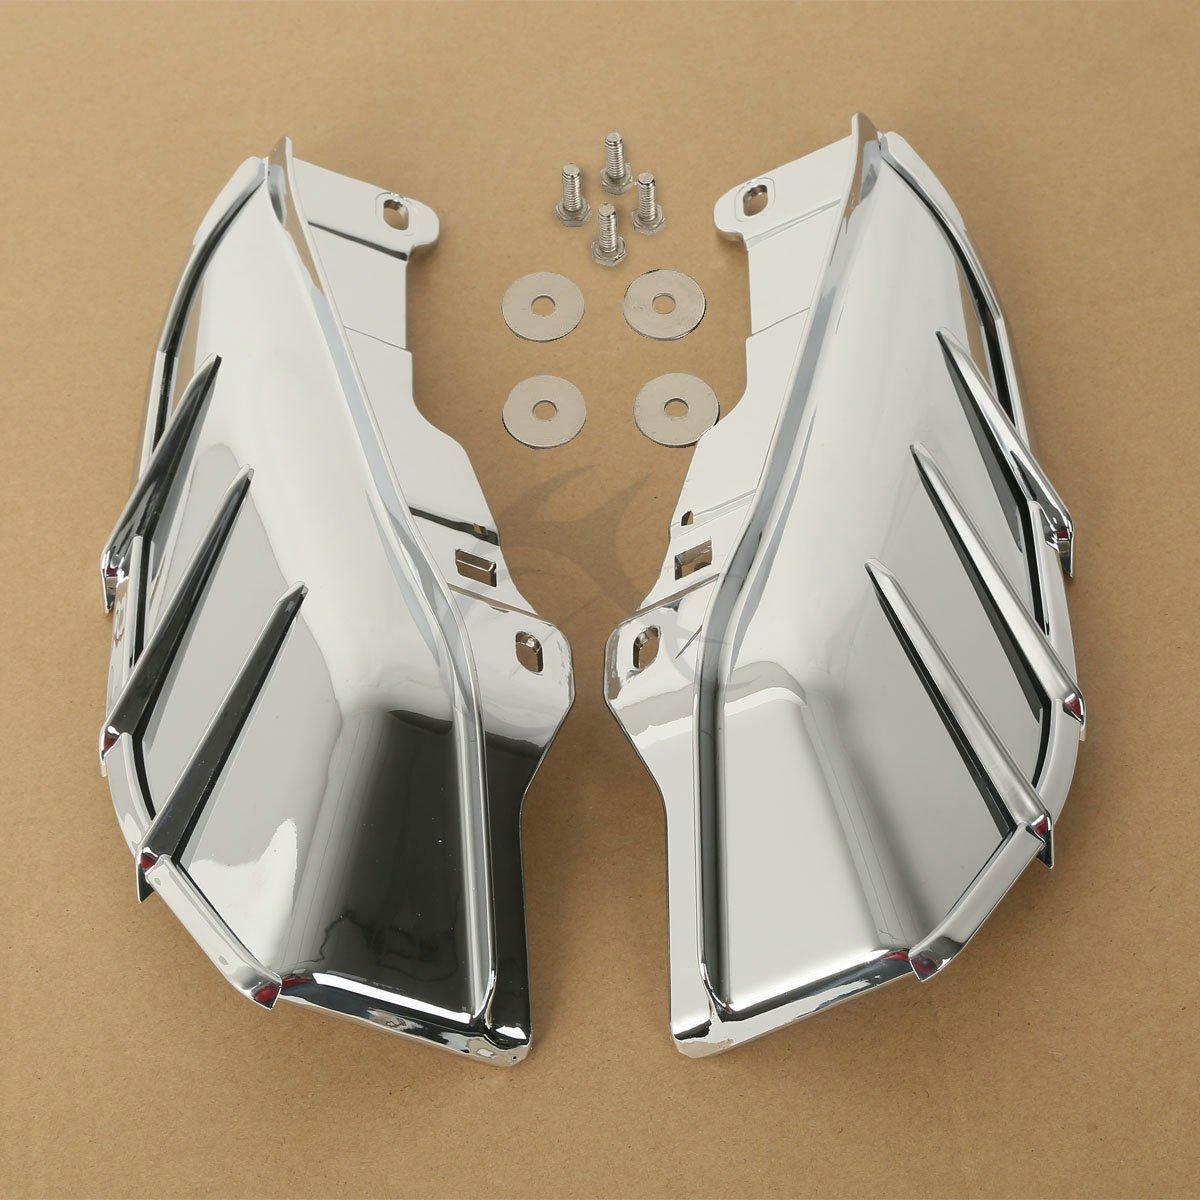 TCMT Chrome Mid-Frame Air Deflector For Harley Davidson Touring /& Trike models 09-17